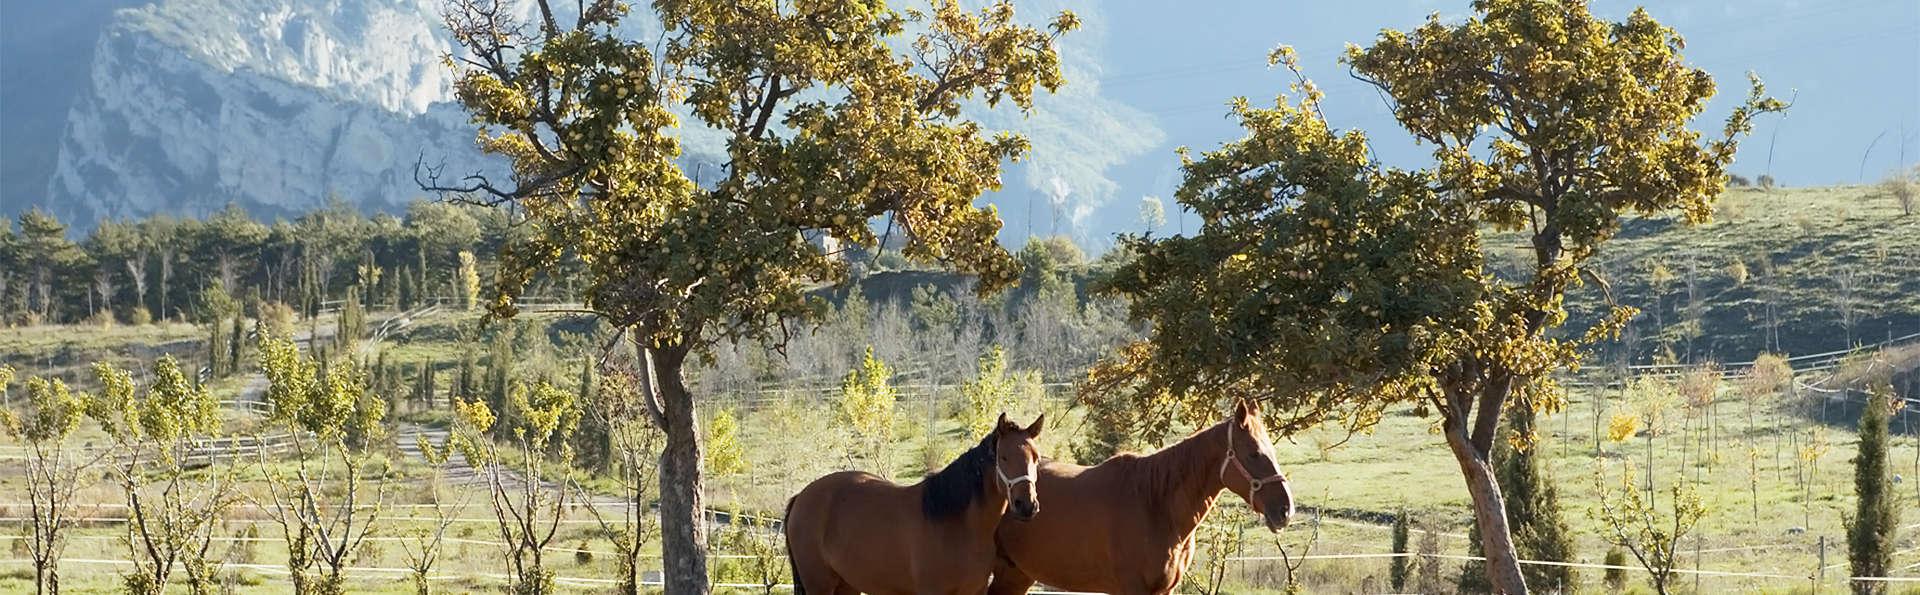 Aventure en famille dans un hôtel rural avec balade à cheval (pour les enfants seulement)